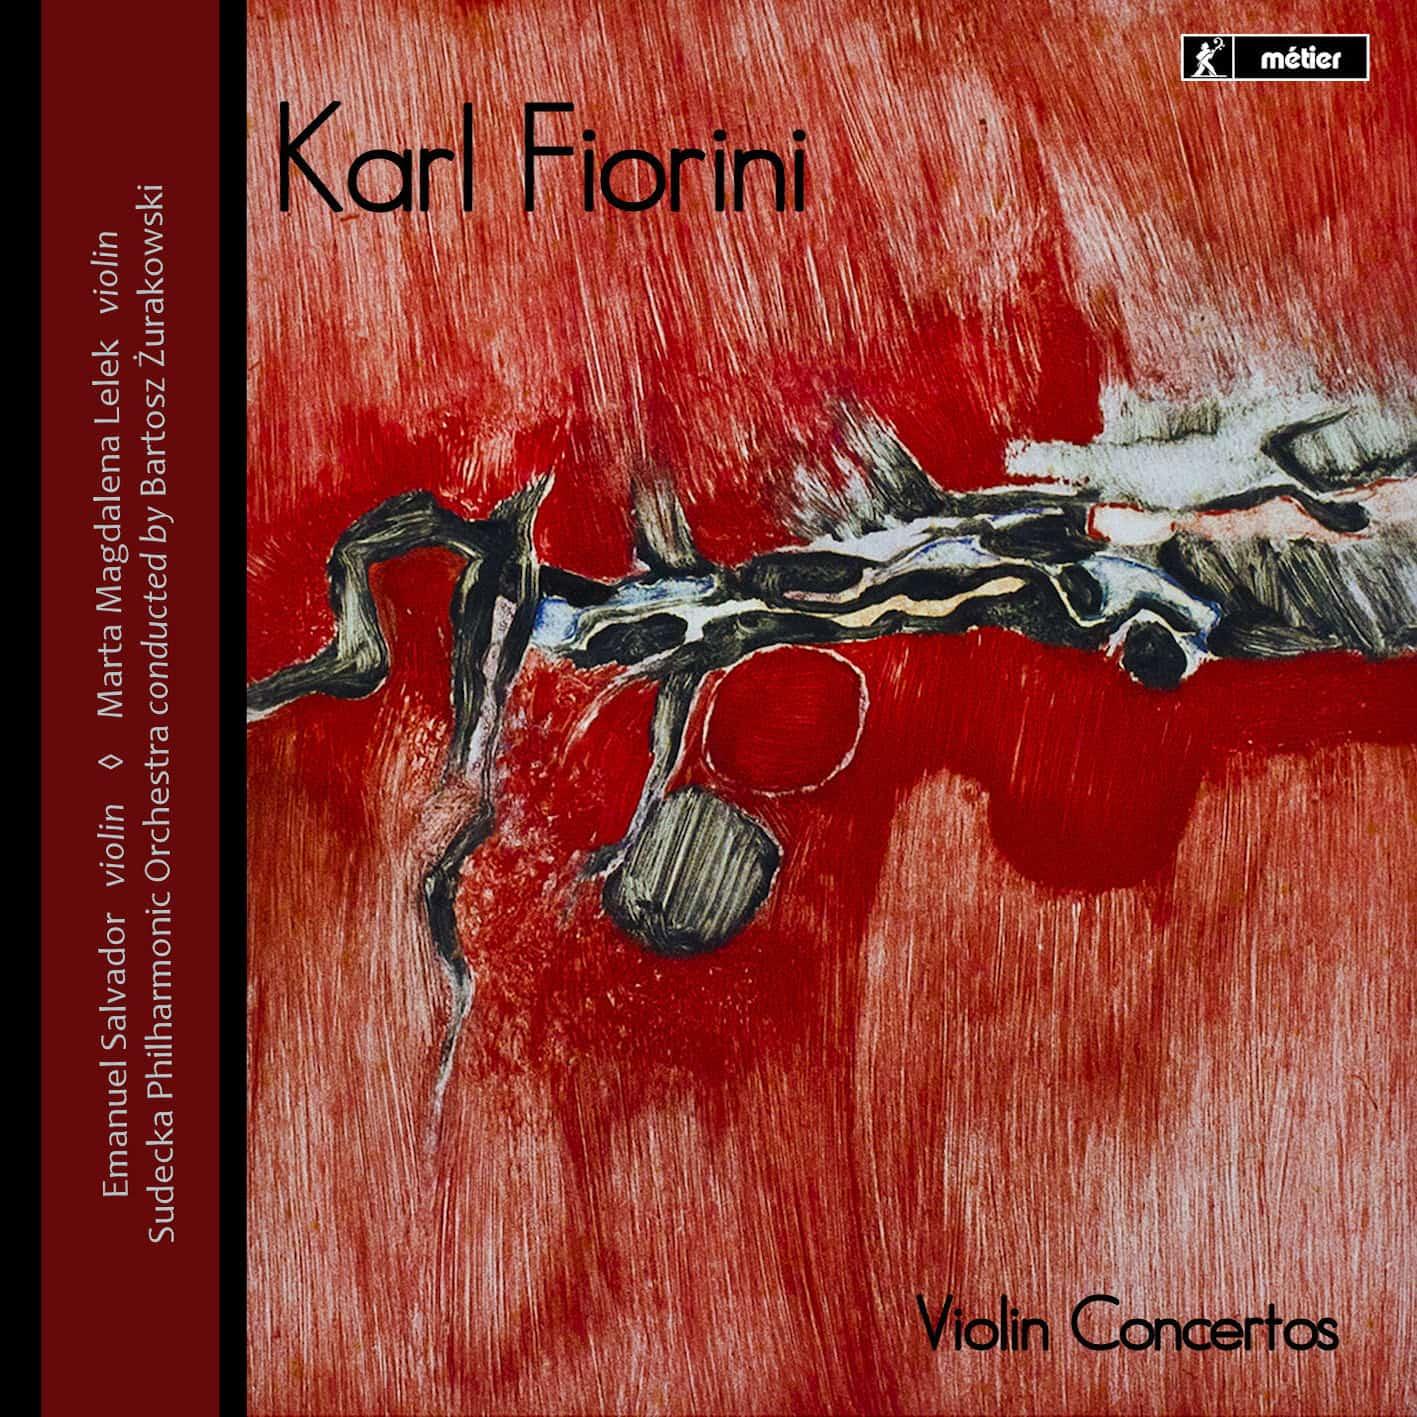 Karl Fiorini: Violin Concertos